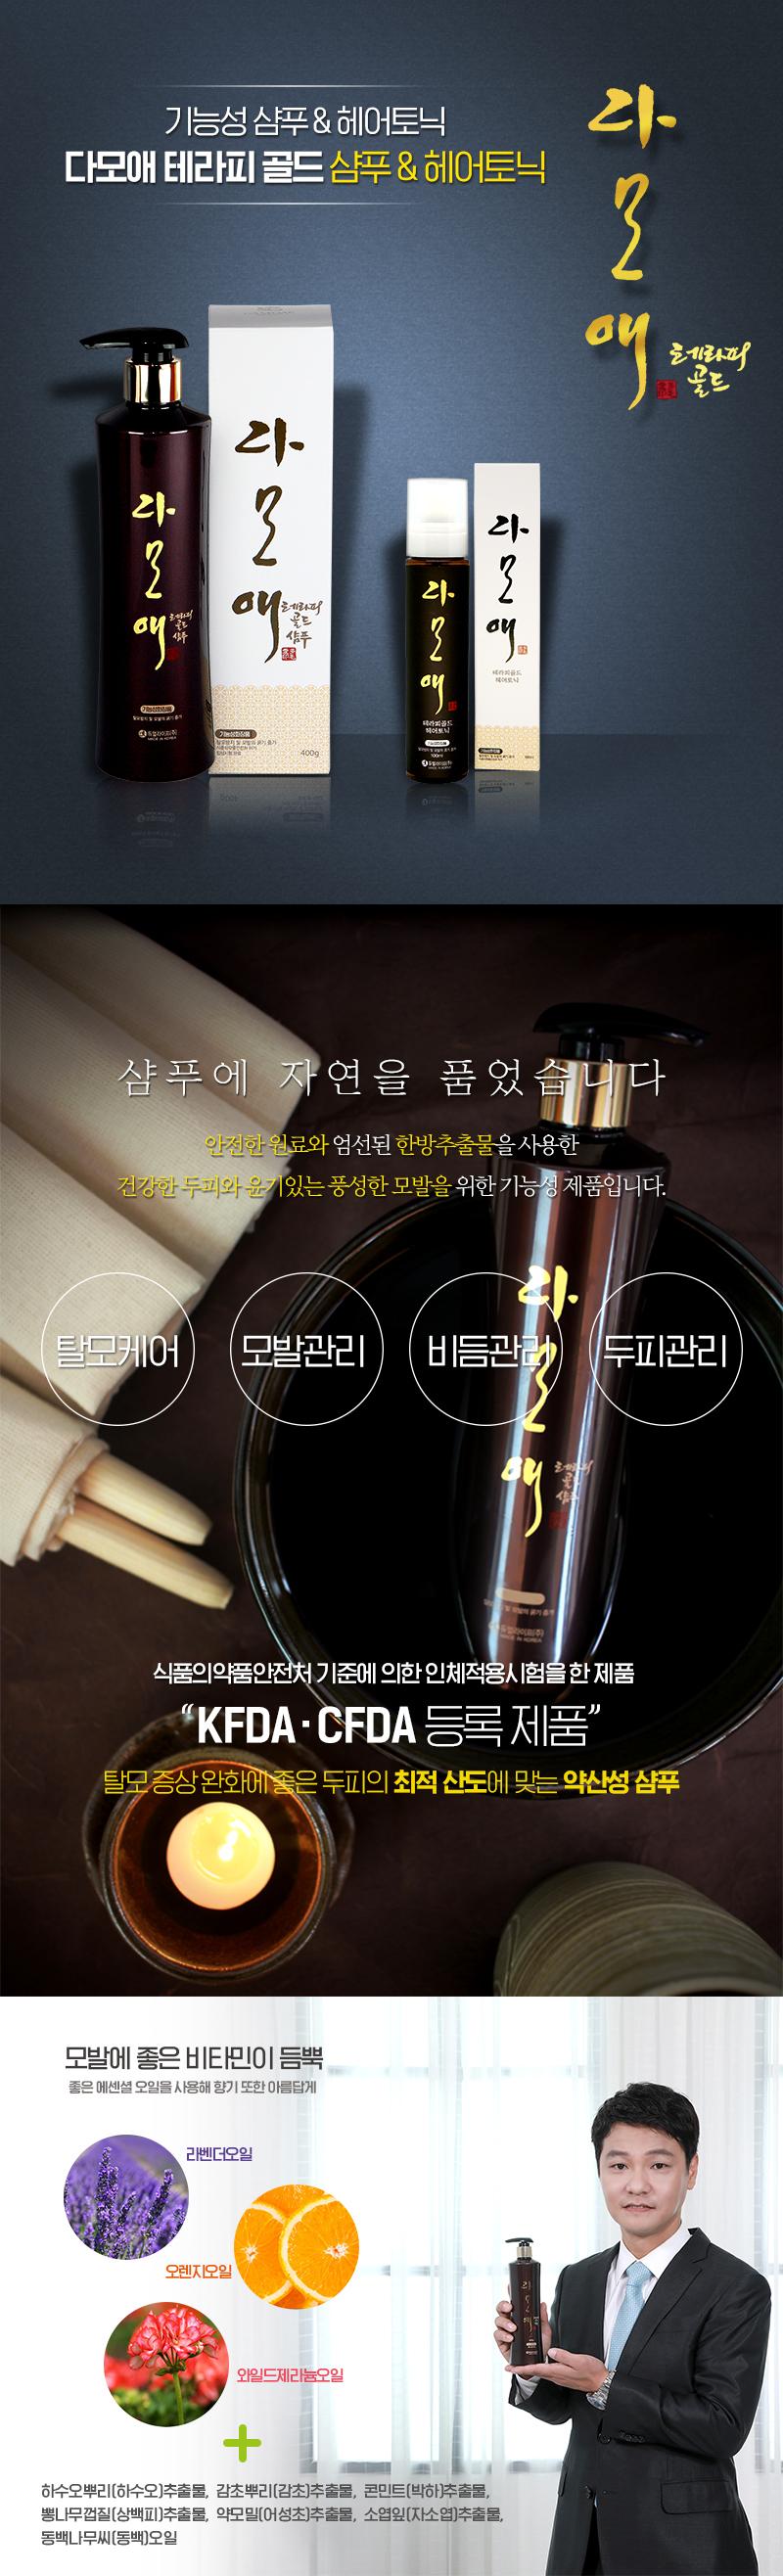 다모애 테라피골드 탈모증상완화 샴푸, 헤어토닉 구성전